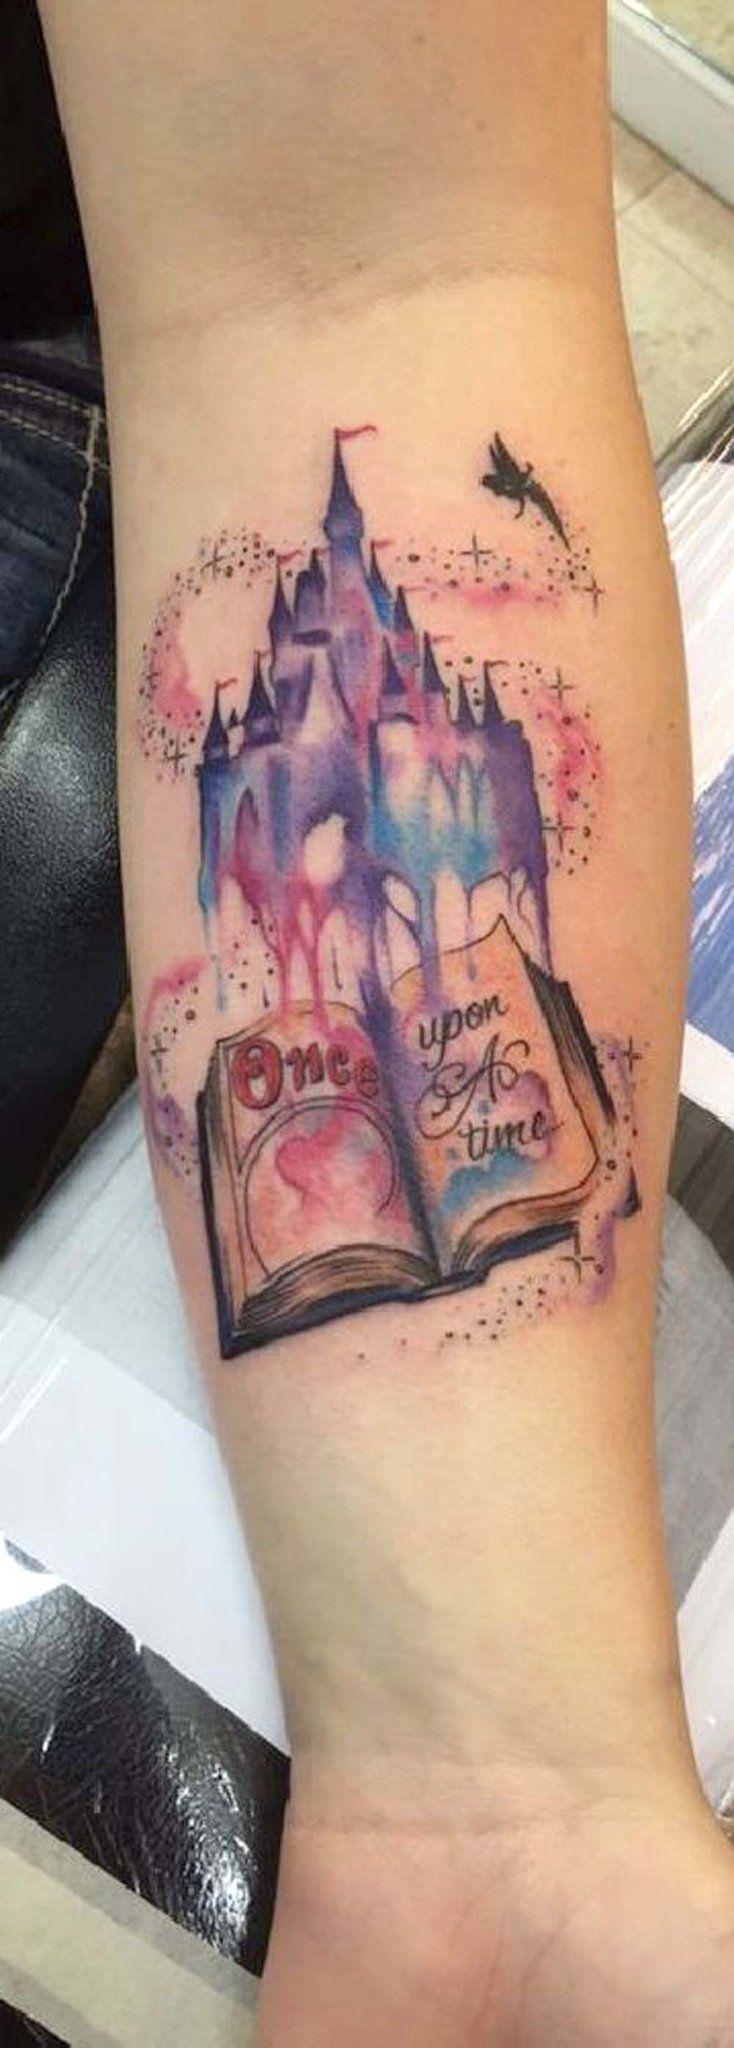 Disney Castle Watercolor Forearm Tattoo Ideas for Women Tinkerbell Fairy  -  ideas de tatuaje de antebrazo de castillo -  www.MyBodiArt.com #watercolortattooideas